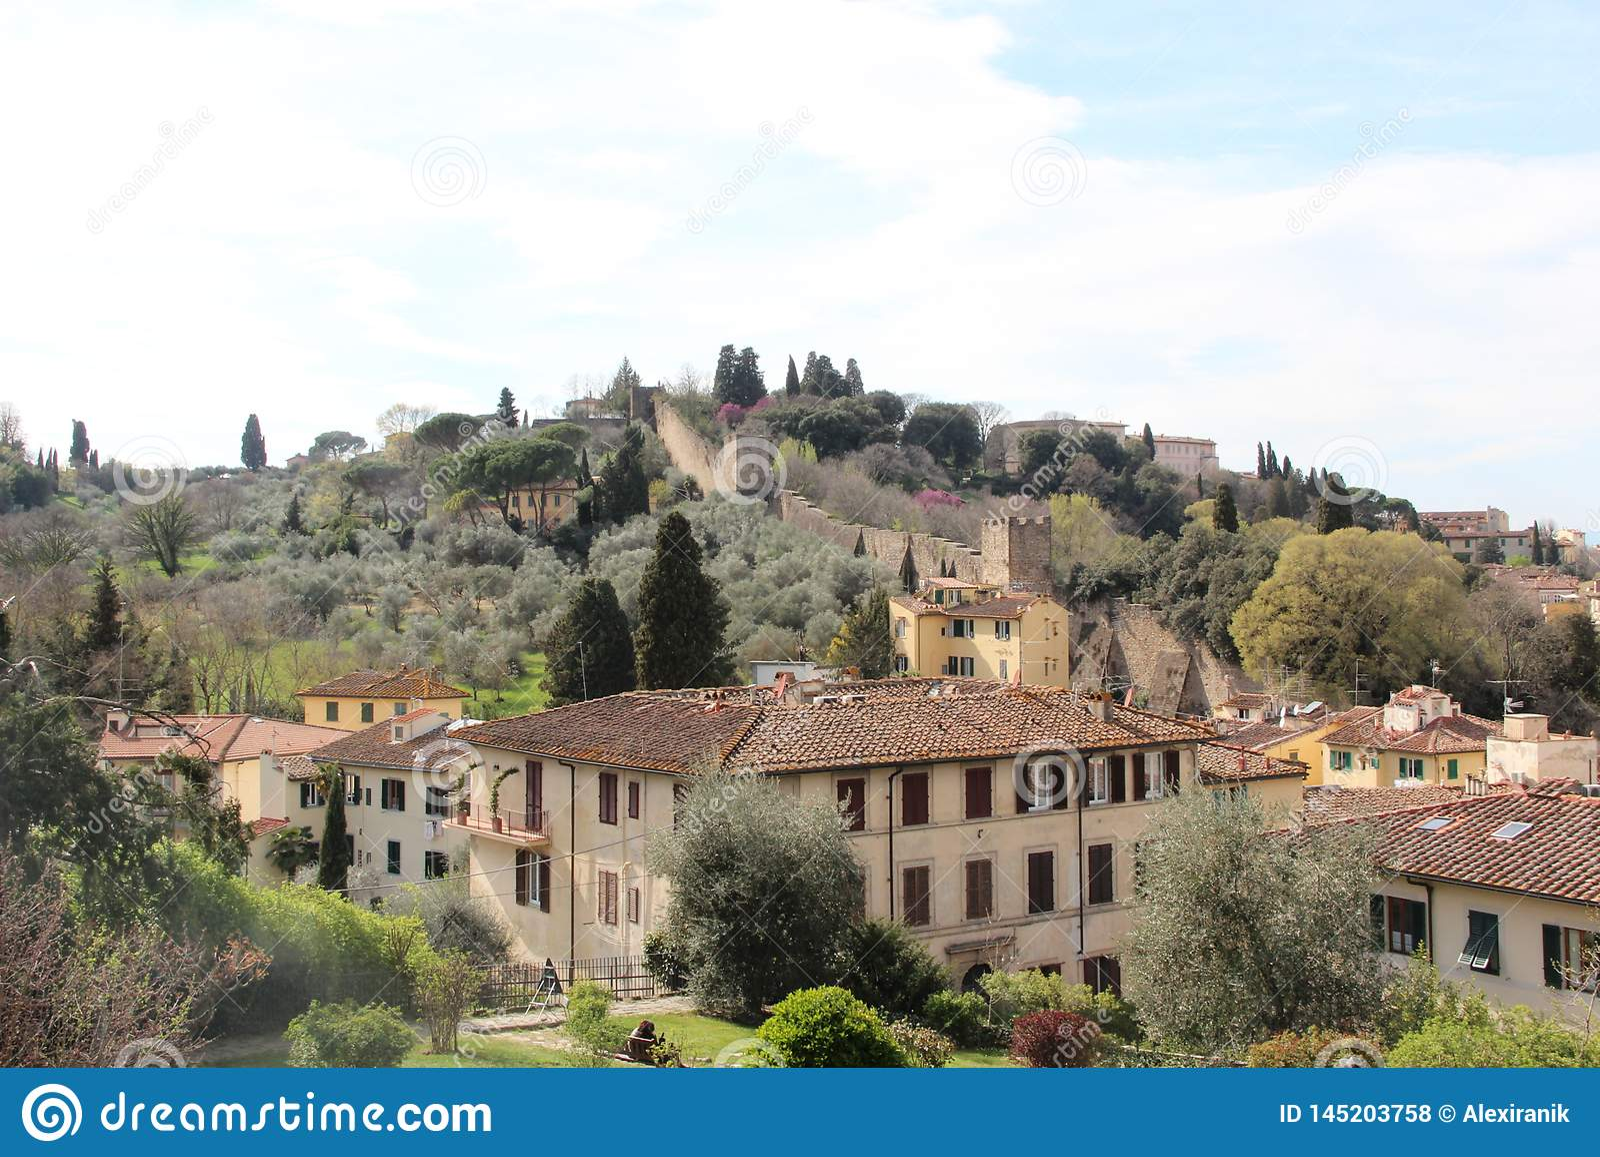 Il posto pi? bello, primavera 2019, punti scenici, paesaggio, natura di Firenze